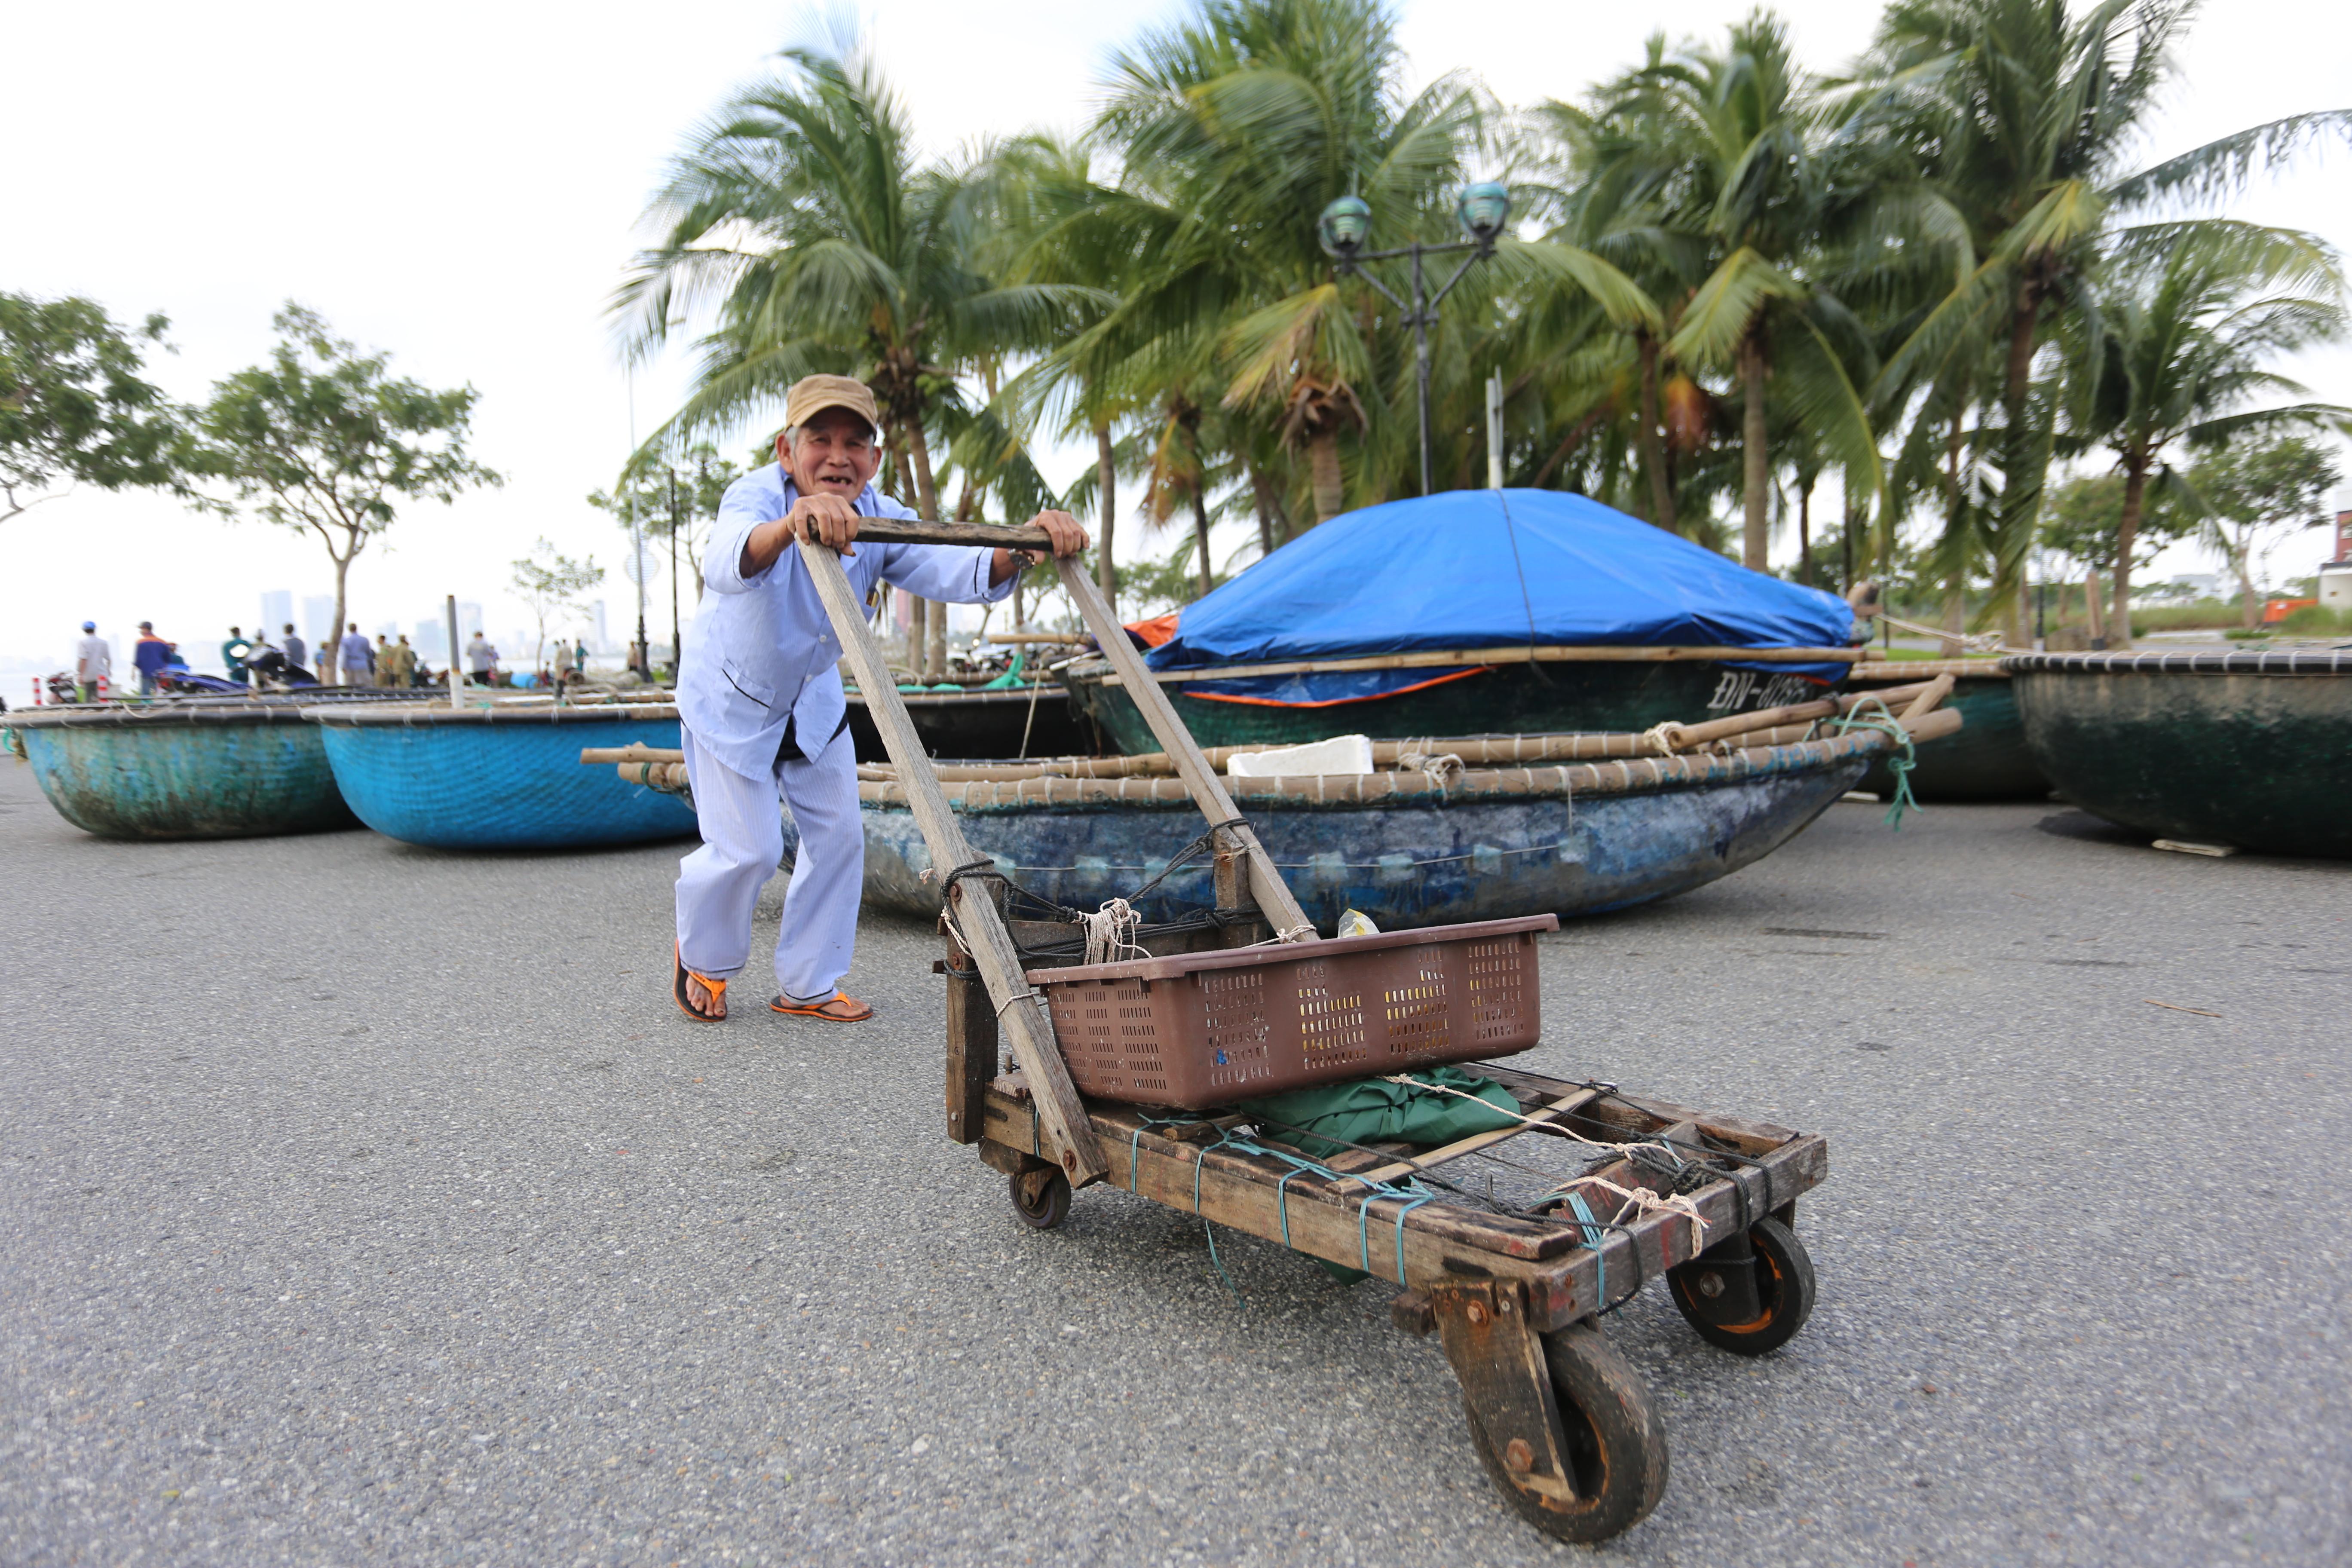 [Ảnh] Xe tải cẩu chở thuyền đến nơi an toàn, công an, bộ đội giúp người Đà Nẵng chằng chống nhà cửa đón bão số 9 - Ảnh 5.